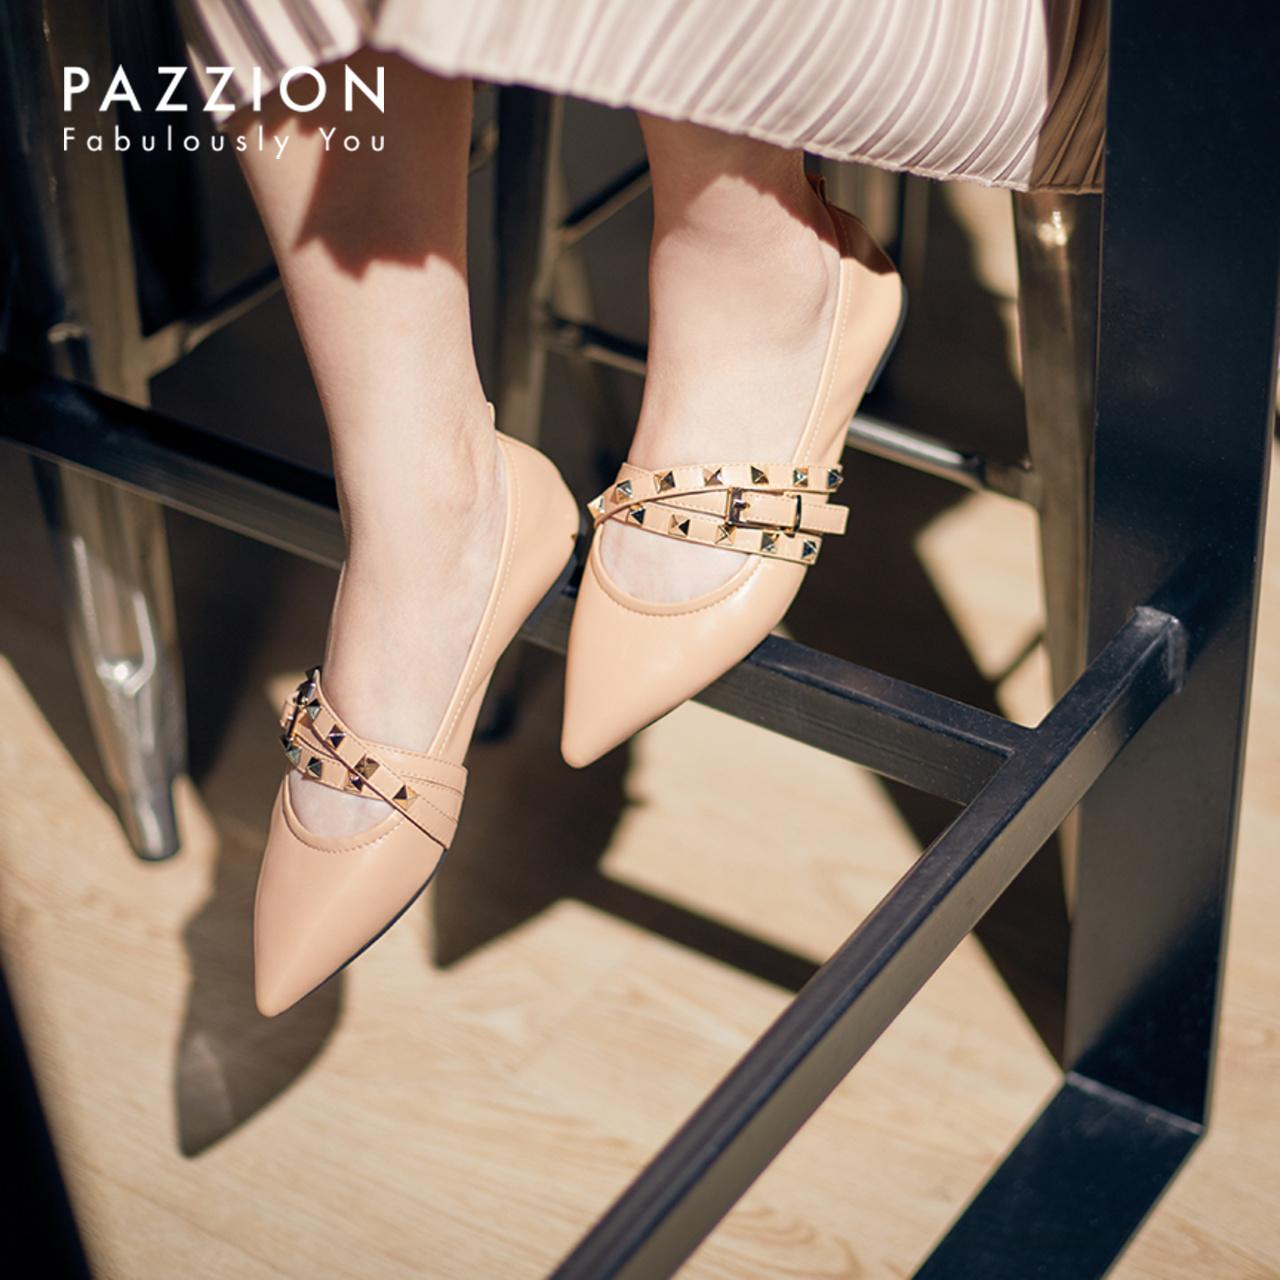 PAZZION柔软羊皮尖头平底单鞋女 时尚铆钉一字式扣带复古玛丽珍鞋